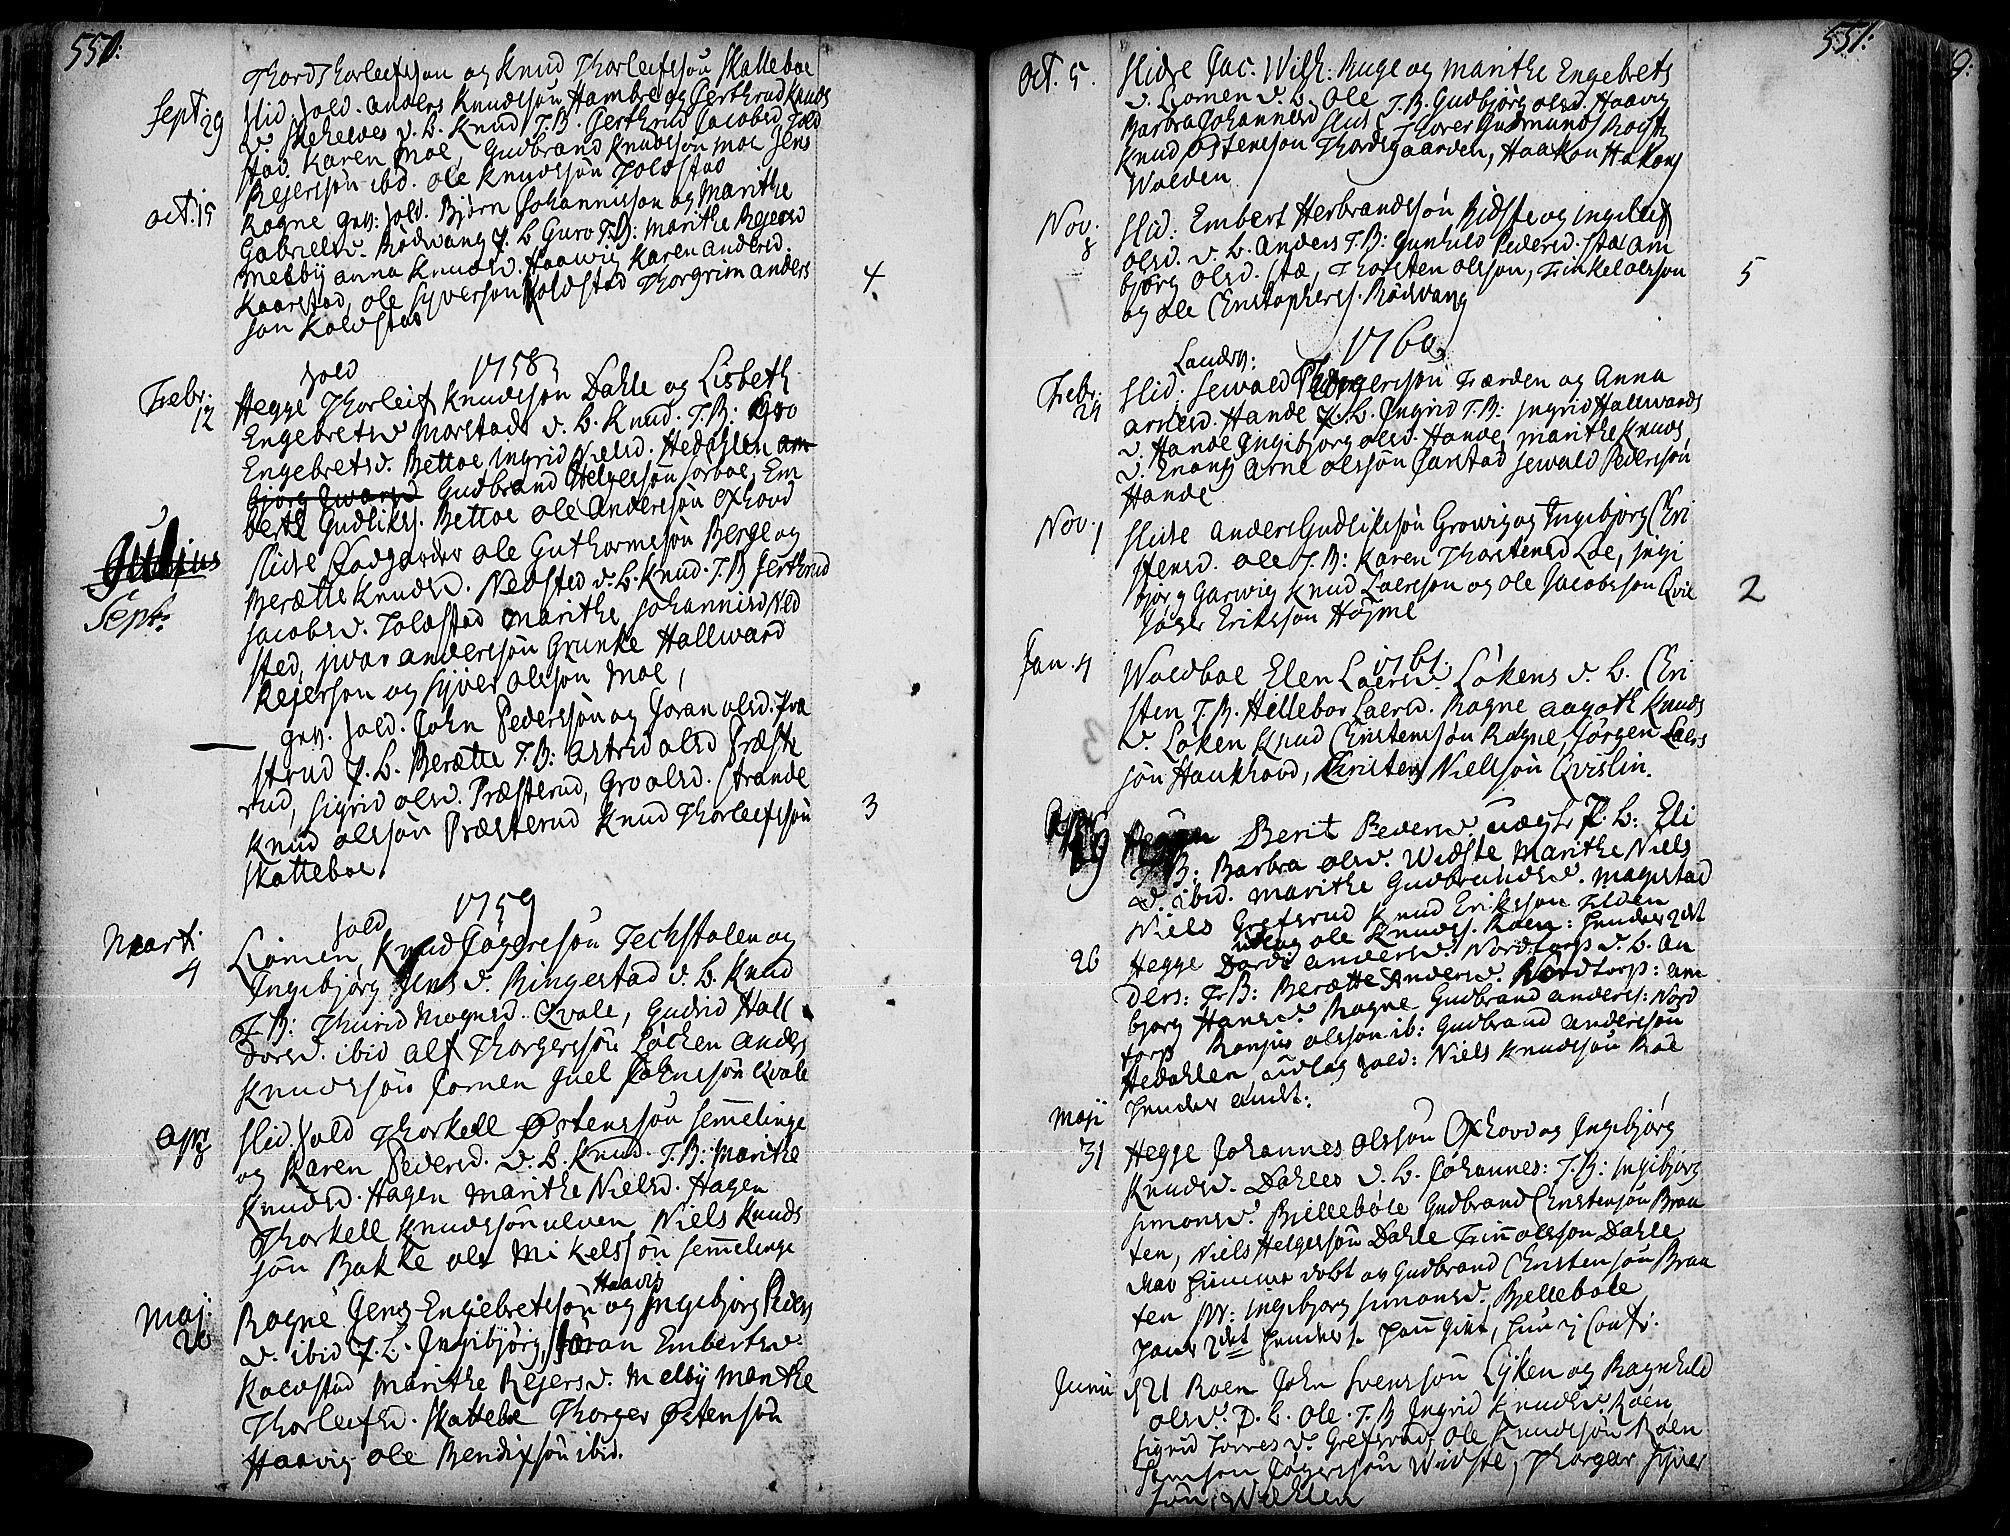 SAH, Slidre prestekontor, Ministerialbok nr. 1, 1724-1814, s. 550-551